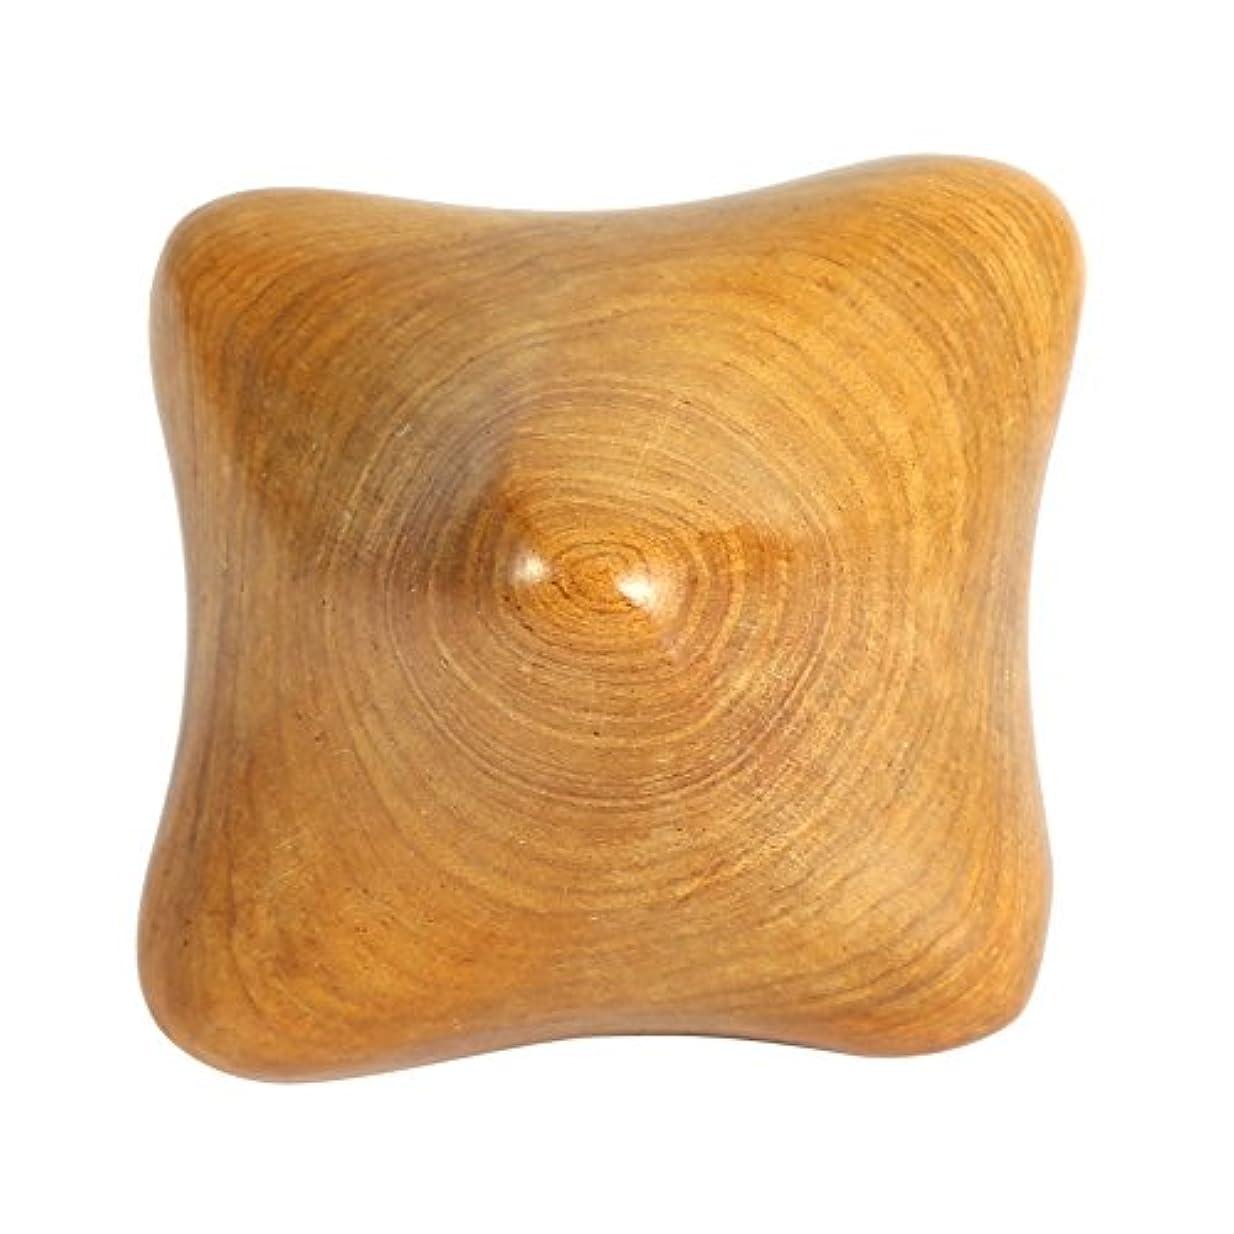 忘れられない二週間しっかりマッサージ器、ベトナム香りの木のタイマッサージローラー療法、ボディ マッサージ (#1)